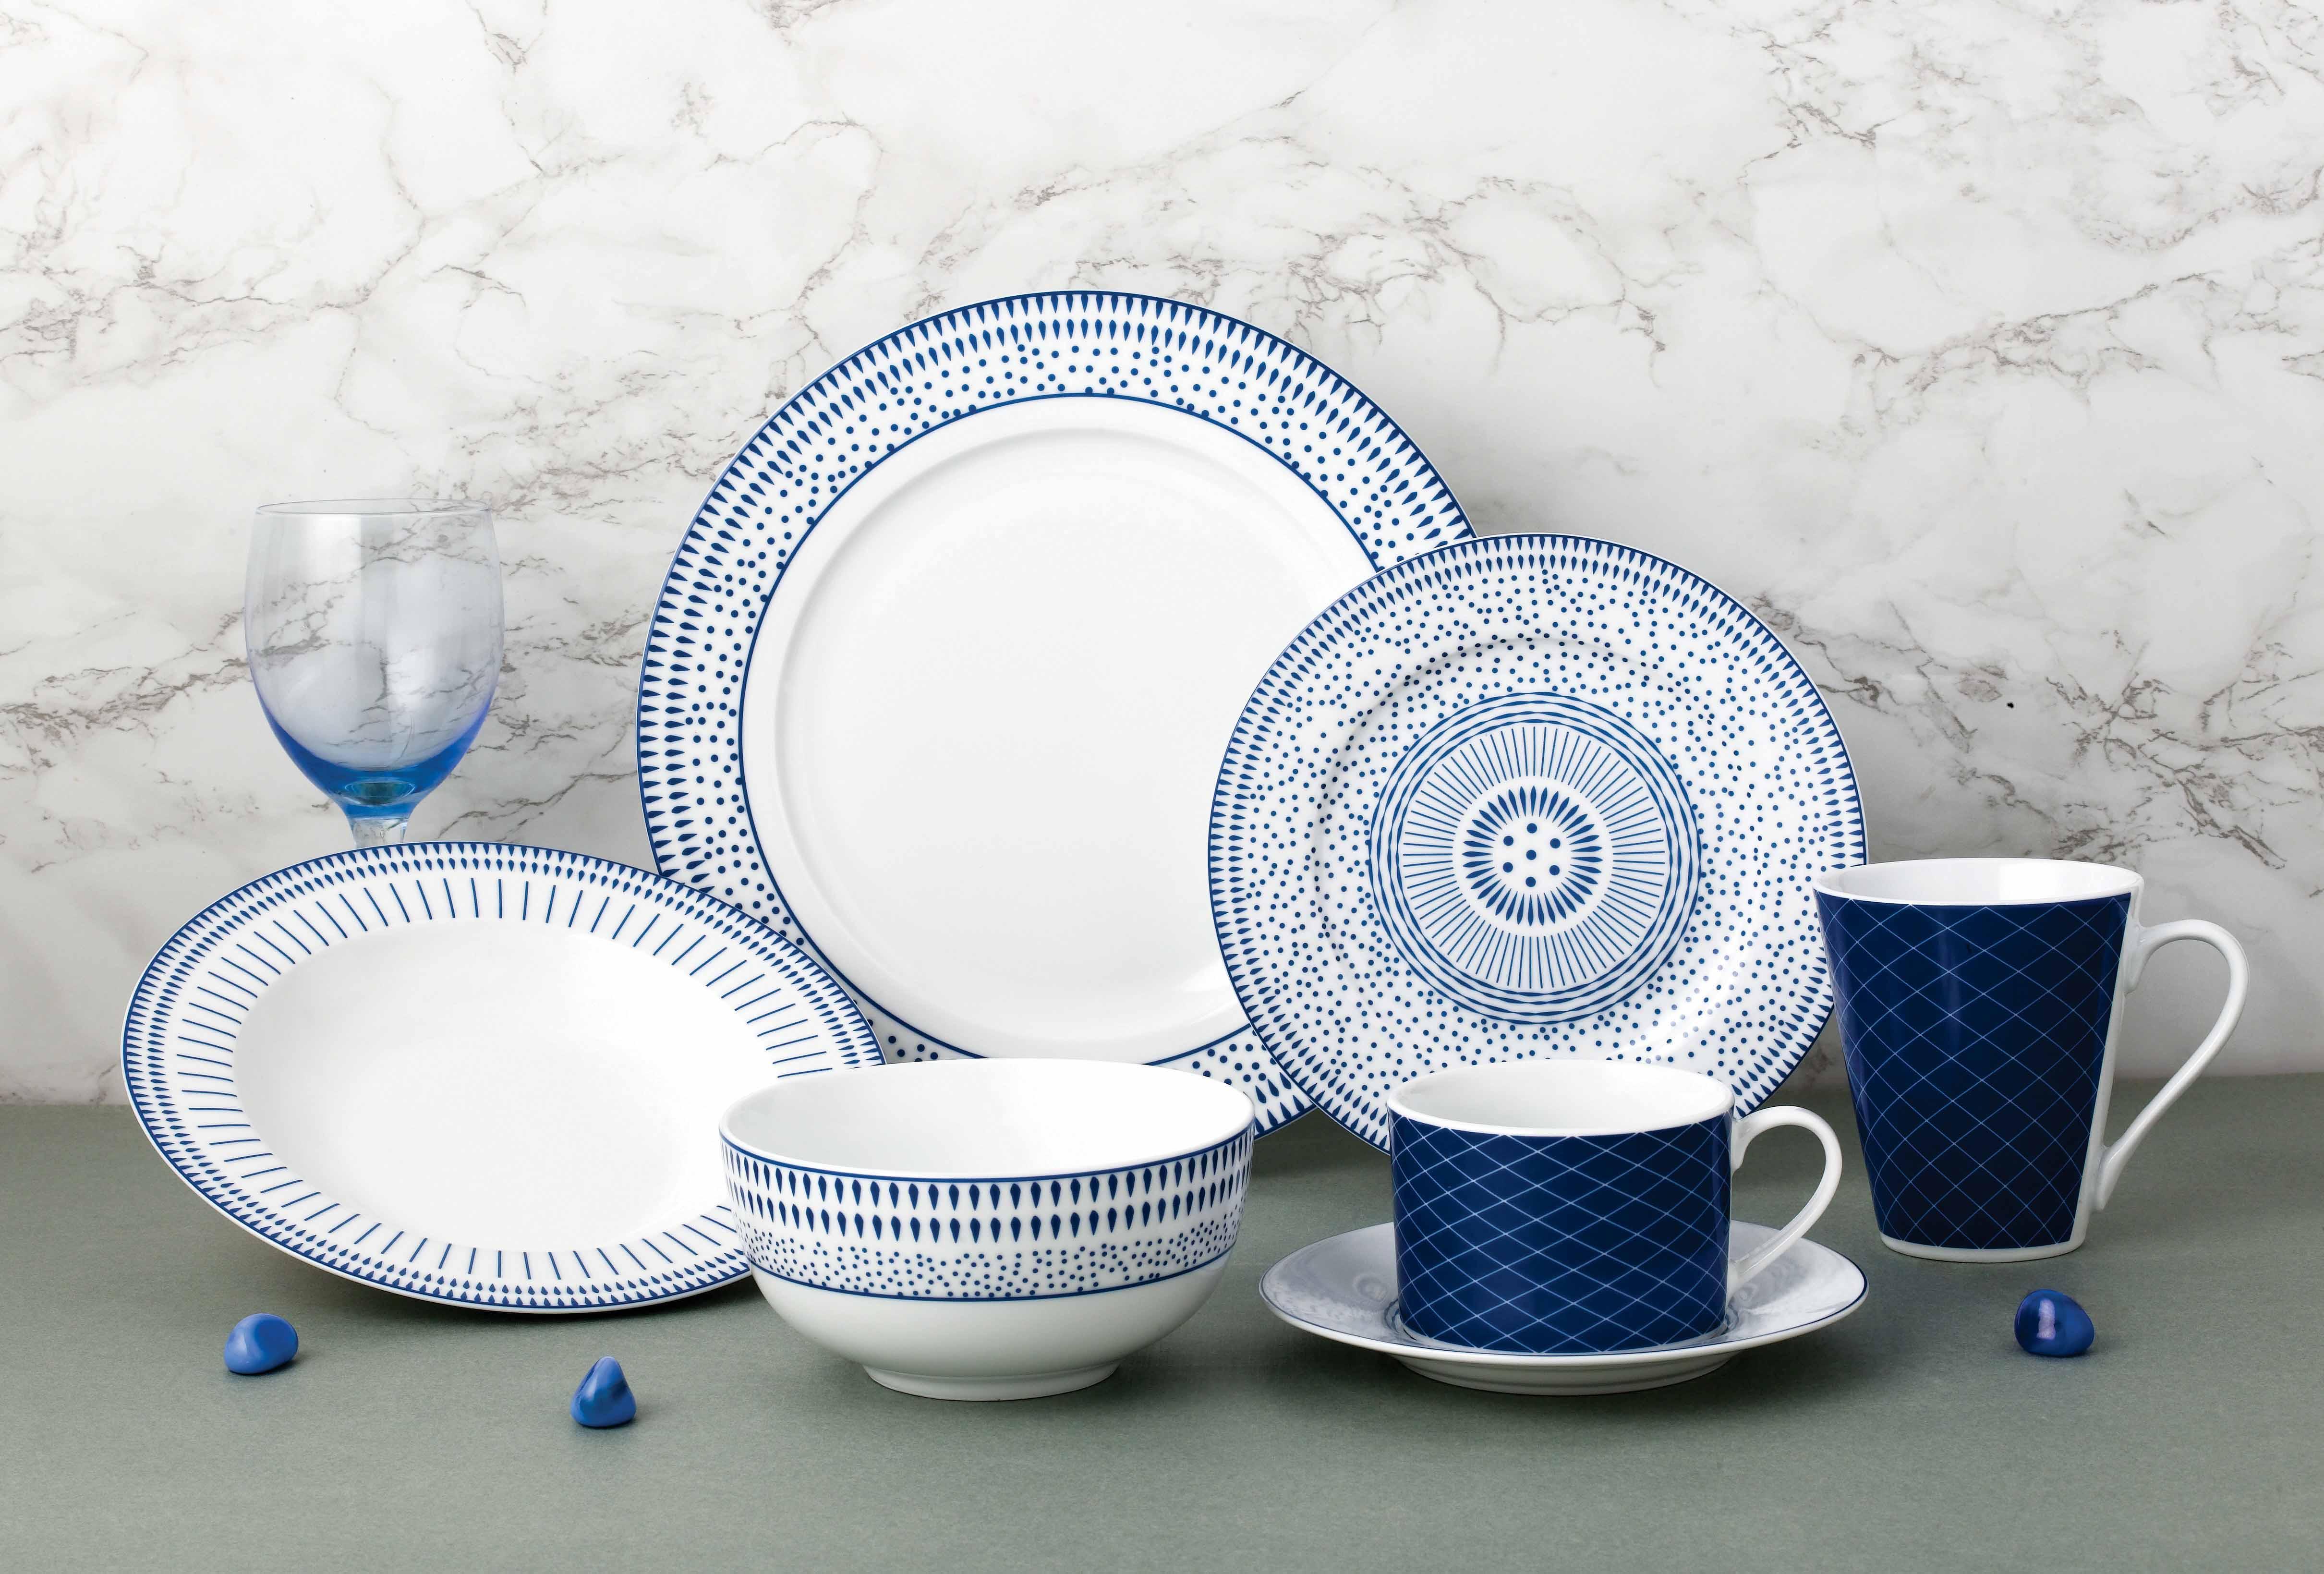 蓝色几何陶瓷餐具